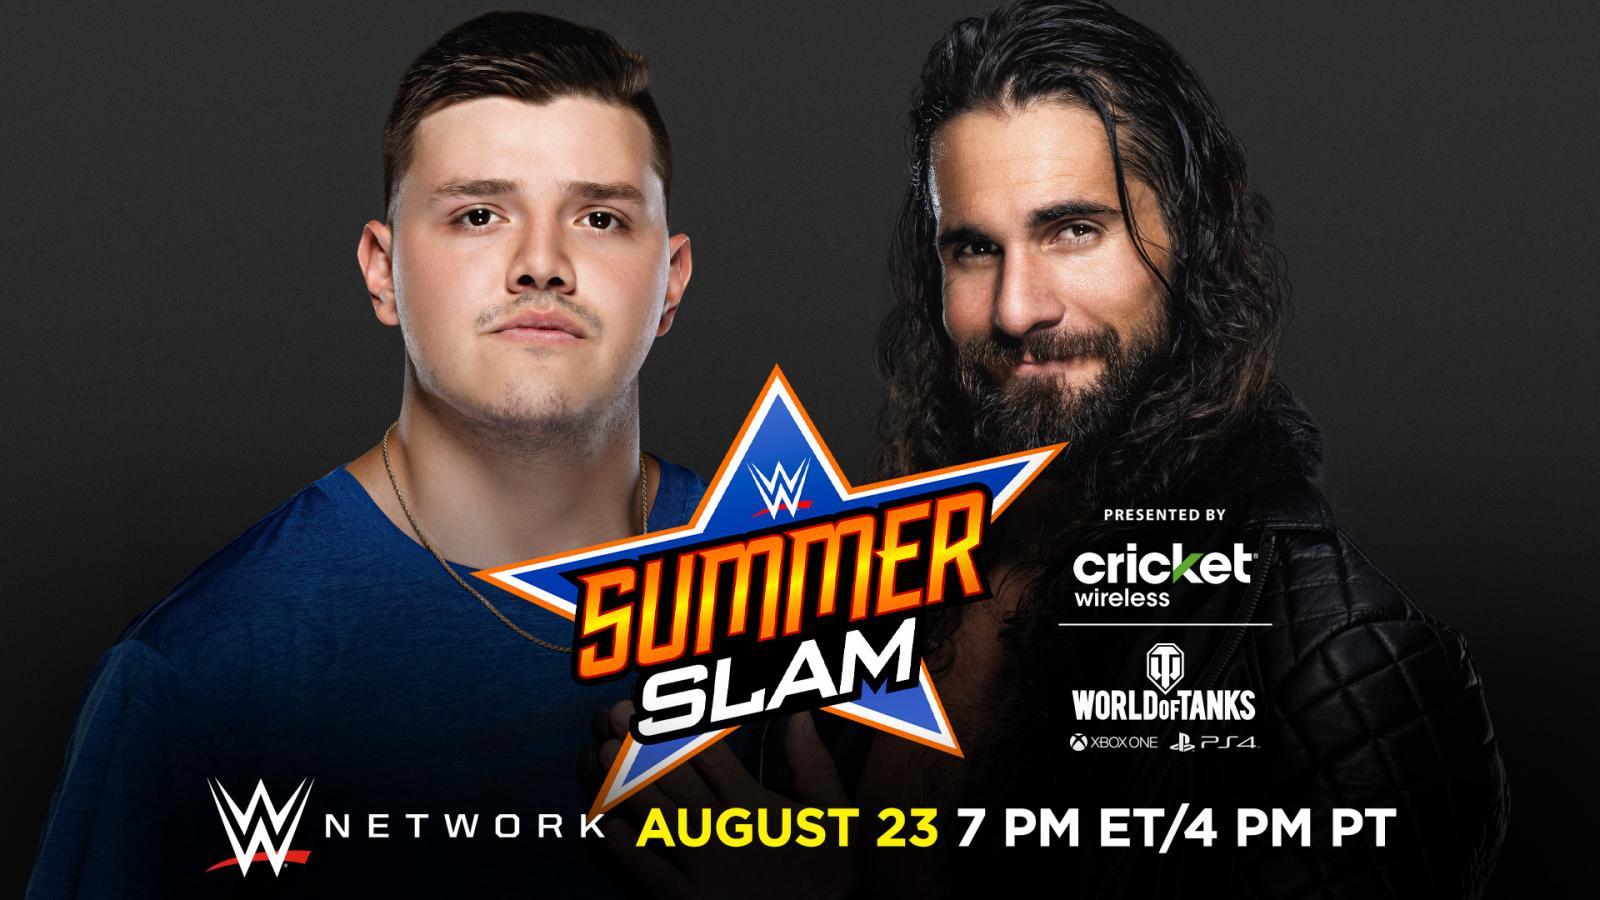 Dominik Mysterio vs Seth Rollins en WWE SummerSlam 2020 (23/08/2020) / WWE